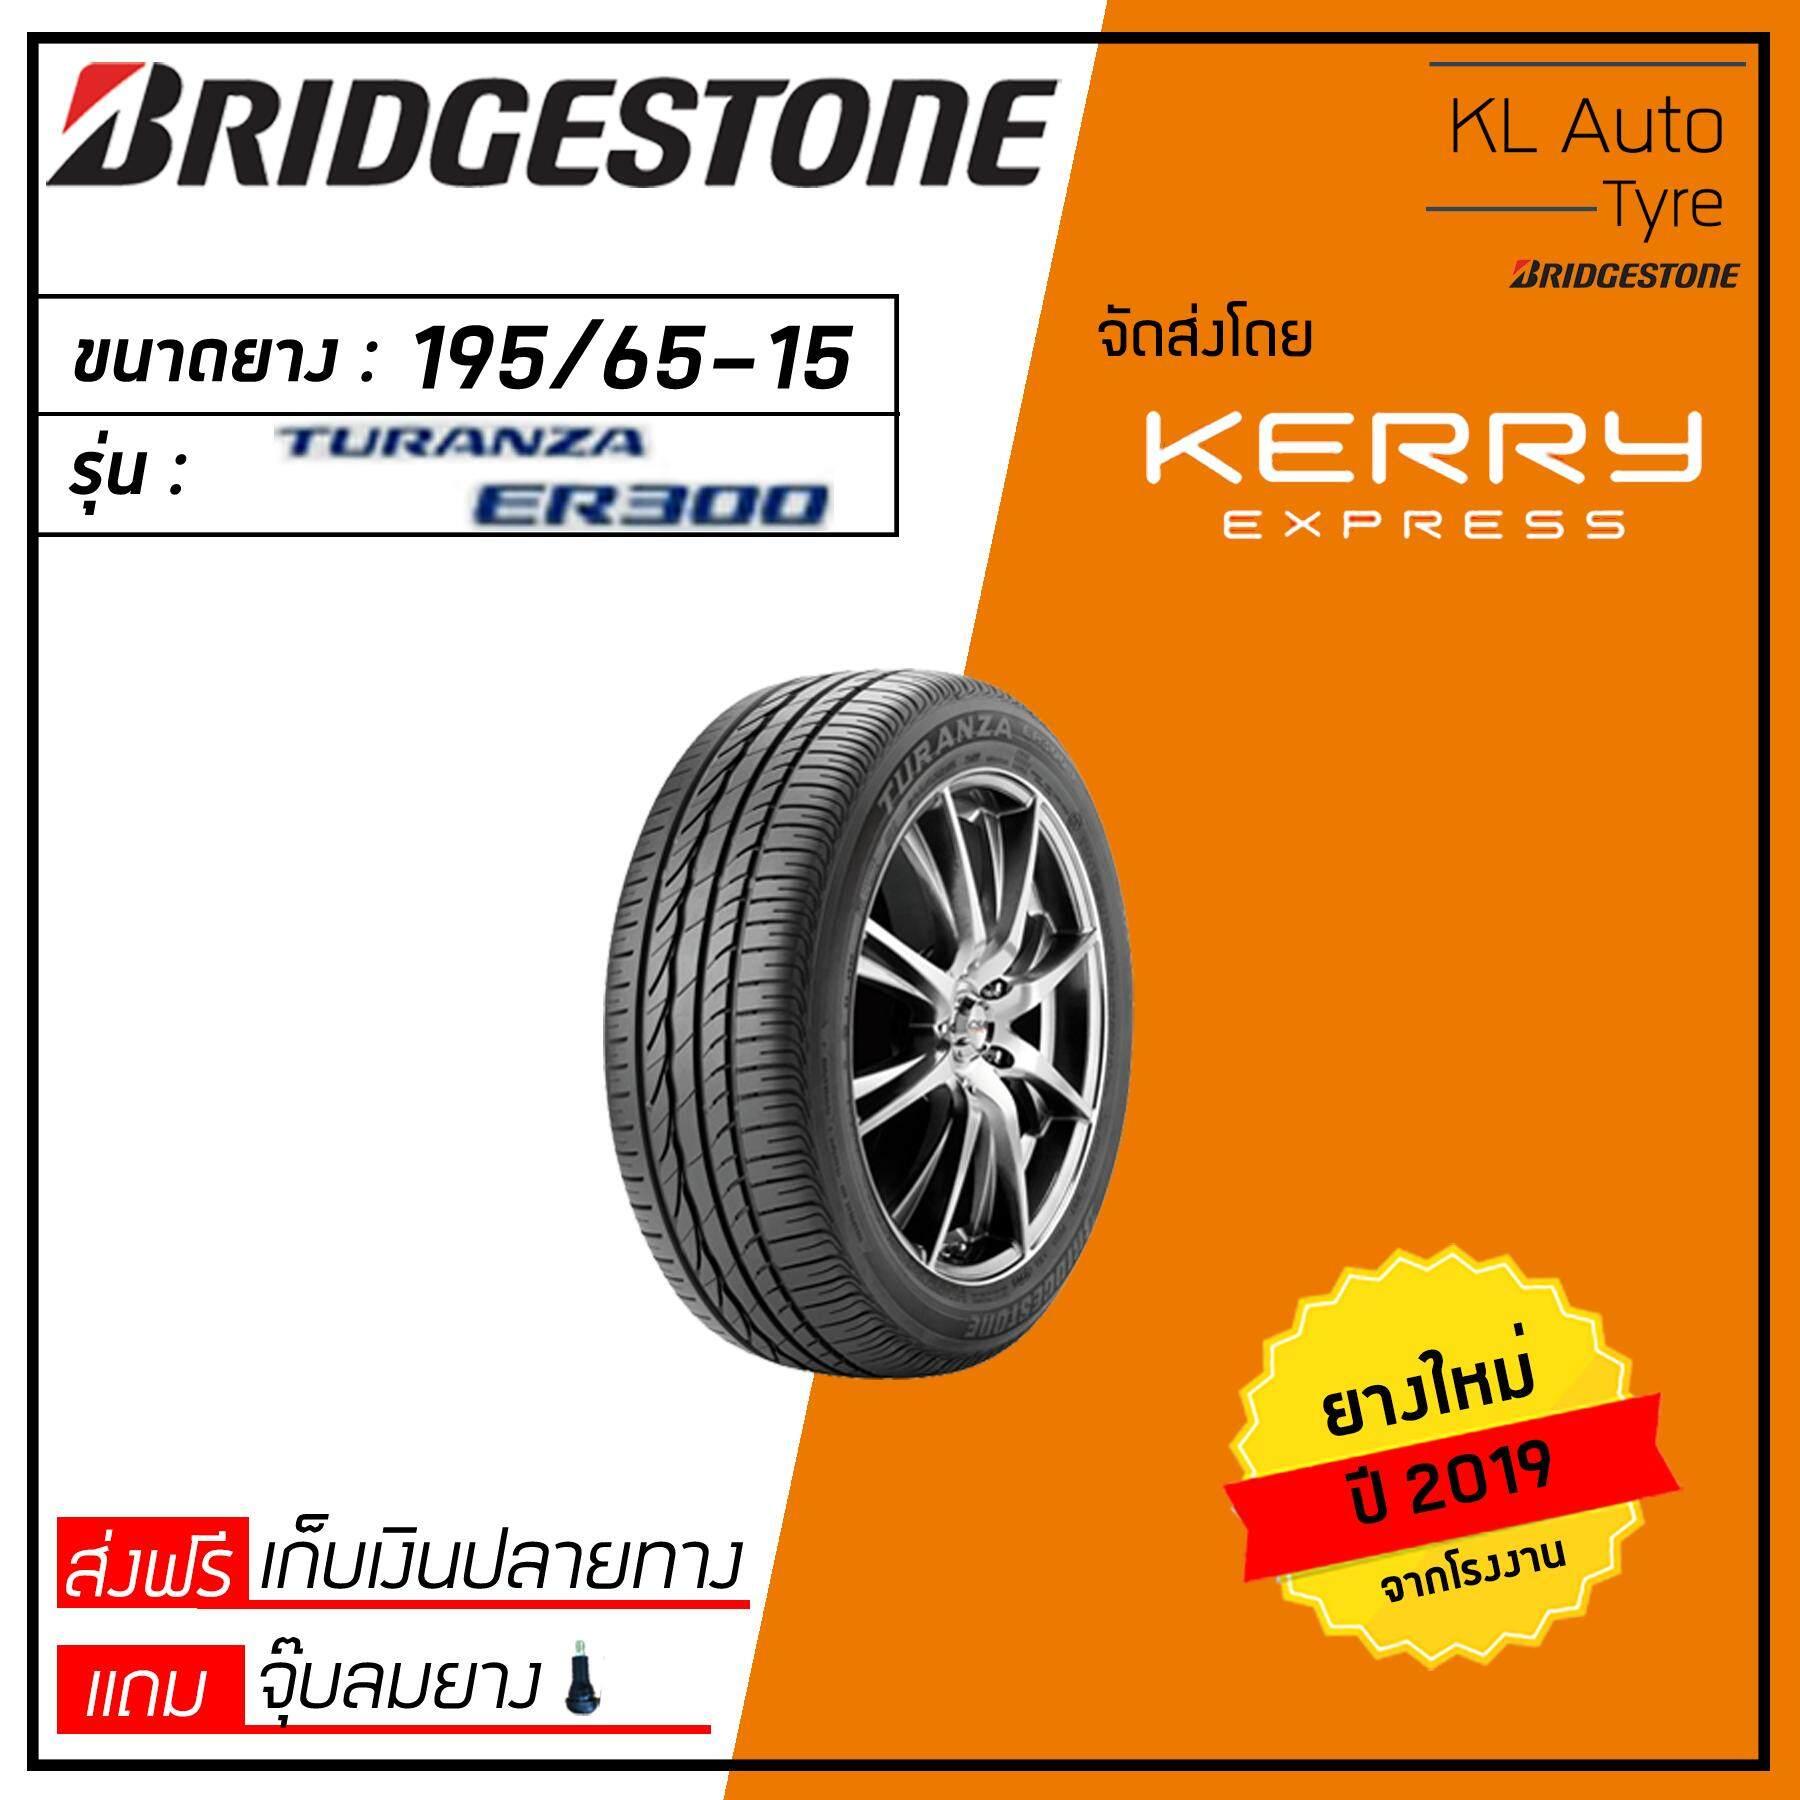 ซื้อที่ไหน  นครนายก Bridgestone 195/65-15 ER300 1 เส้น ปี 19 (ฟรี จุ๊บยาง 1 ตัว มูลค่า 50 บาท)